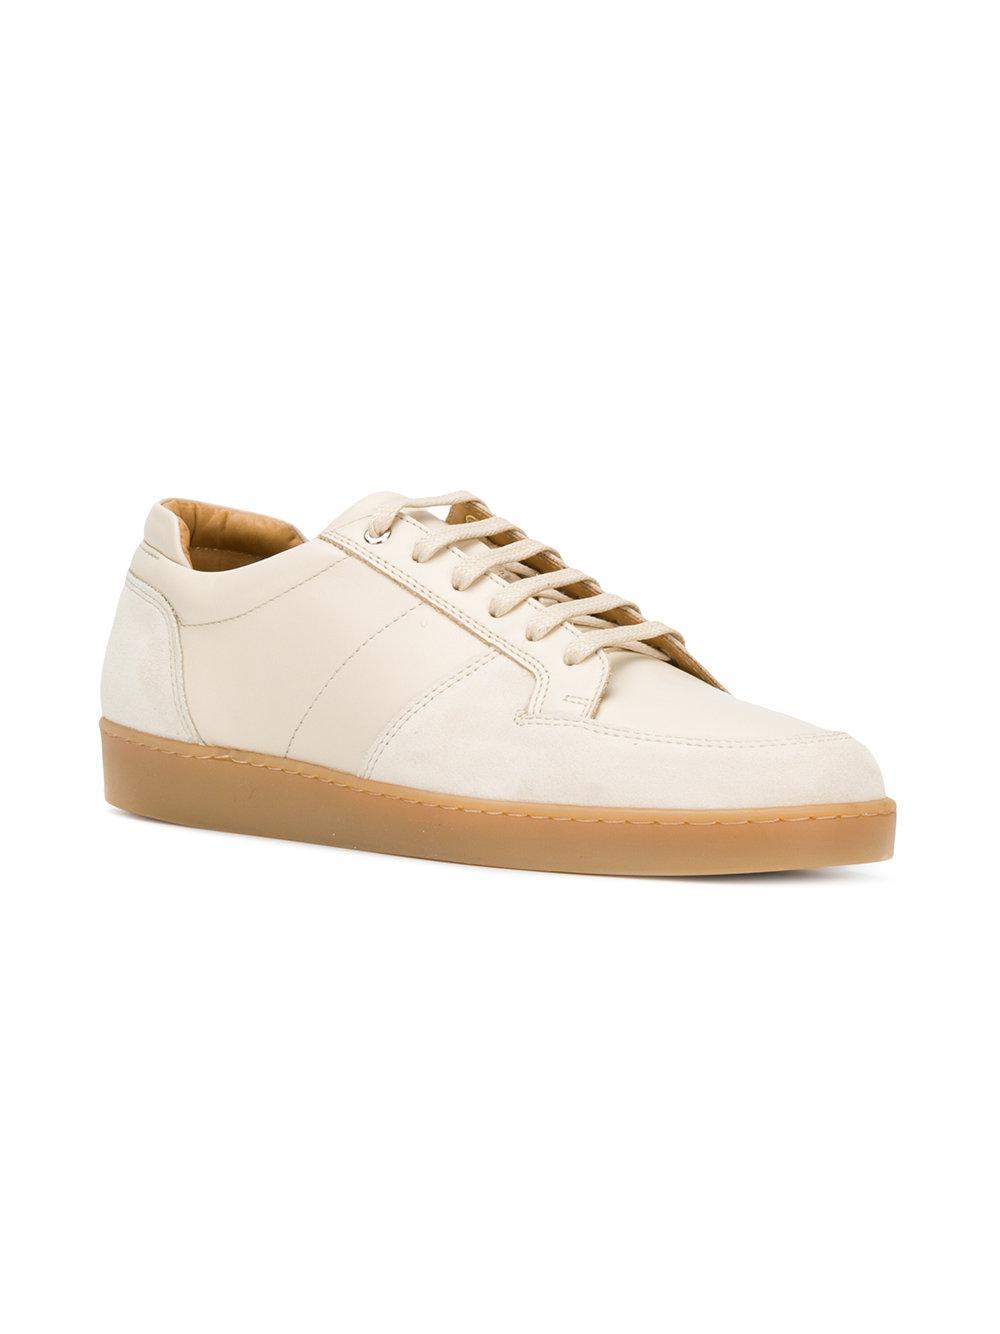 Lydd Sneakers - Nude & Neutrals Les Essentiels jrKvWJFURP